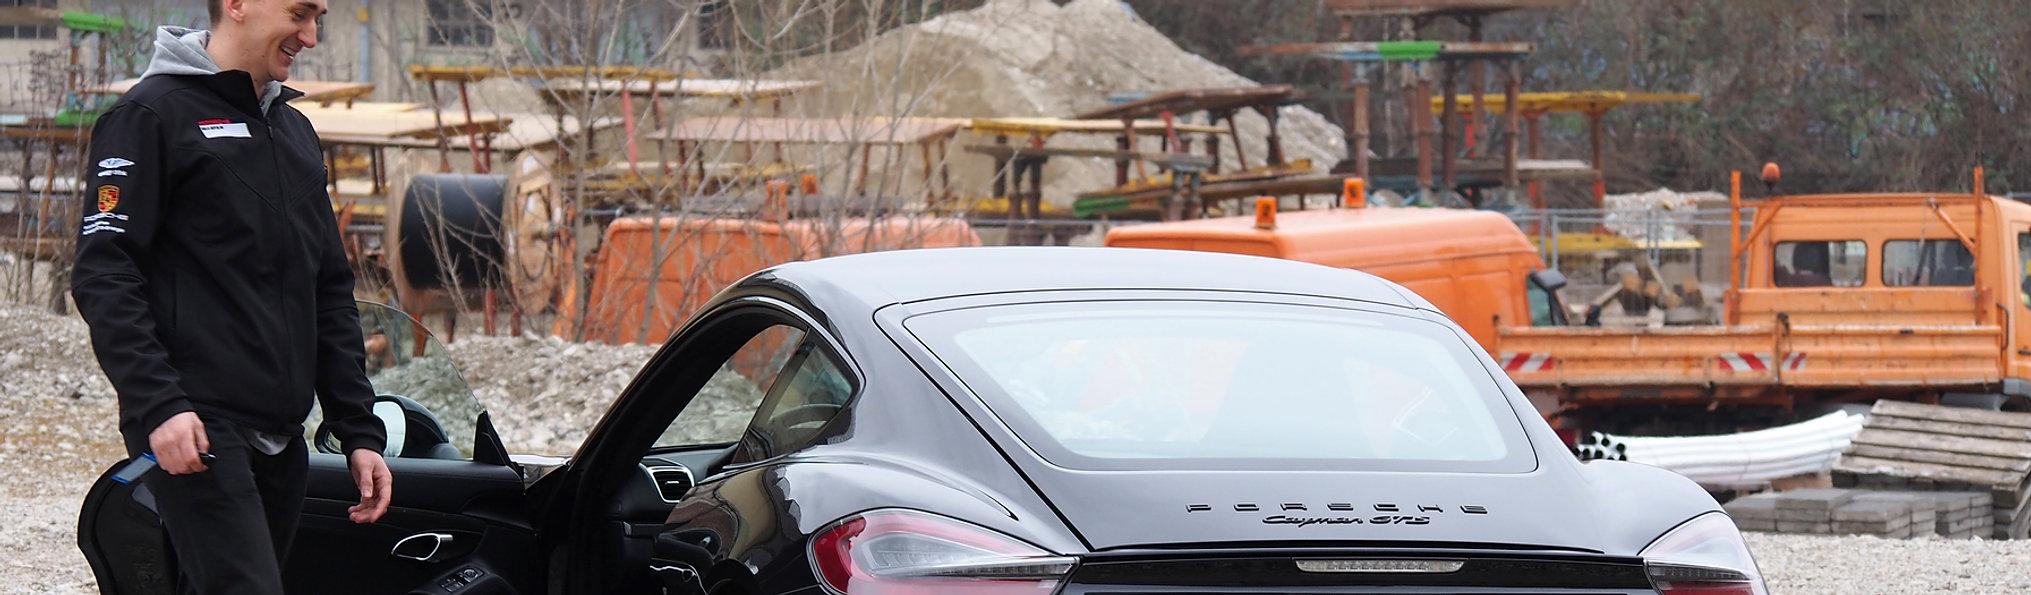 Porsche Tuning Porsch Felgen Bremsen Stahlflexbremsleitungen 991 981 918 971 Cayenne Carrera GT3 Panamera